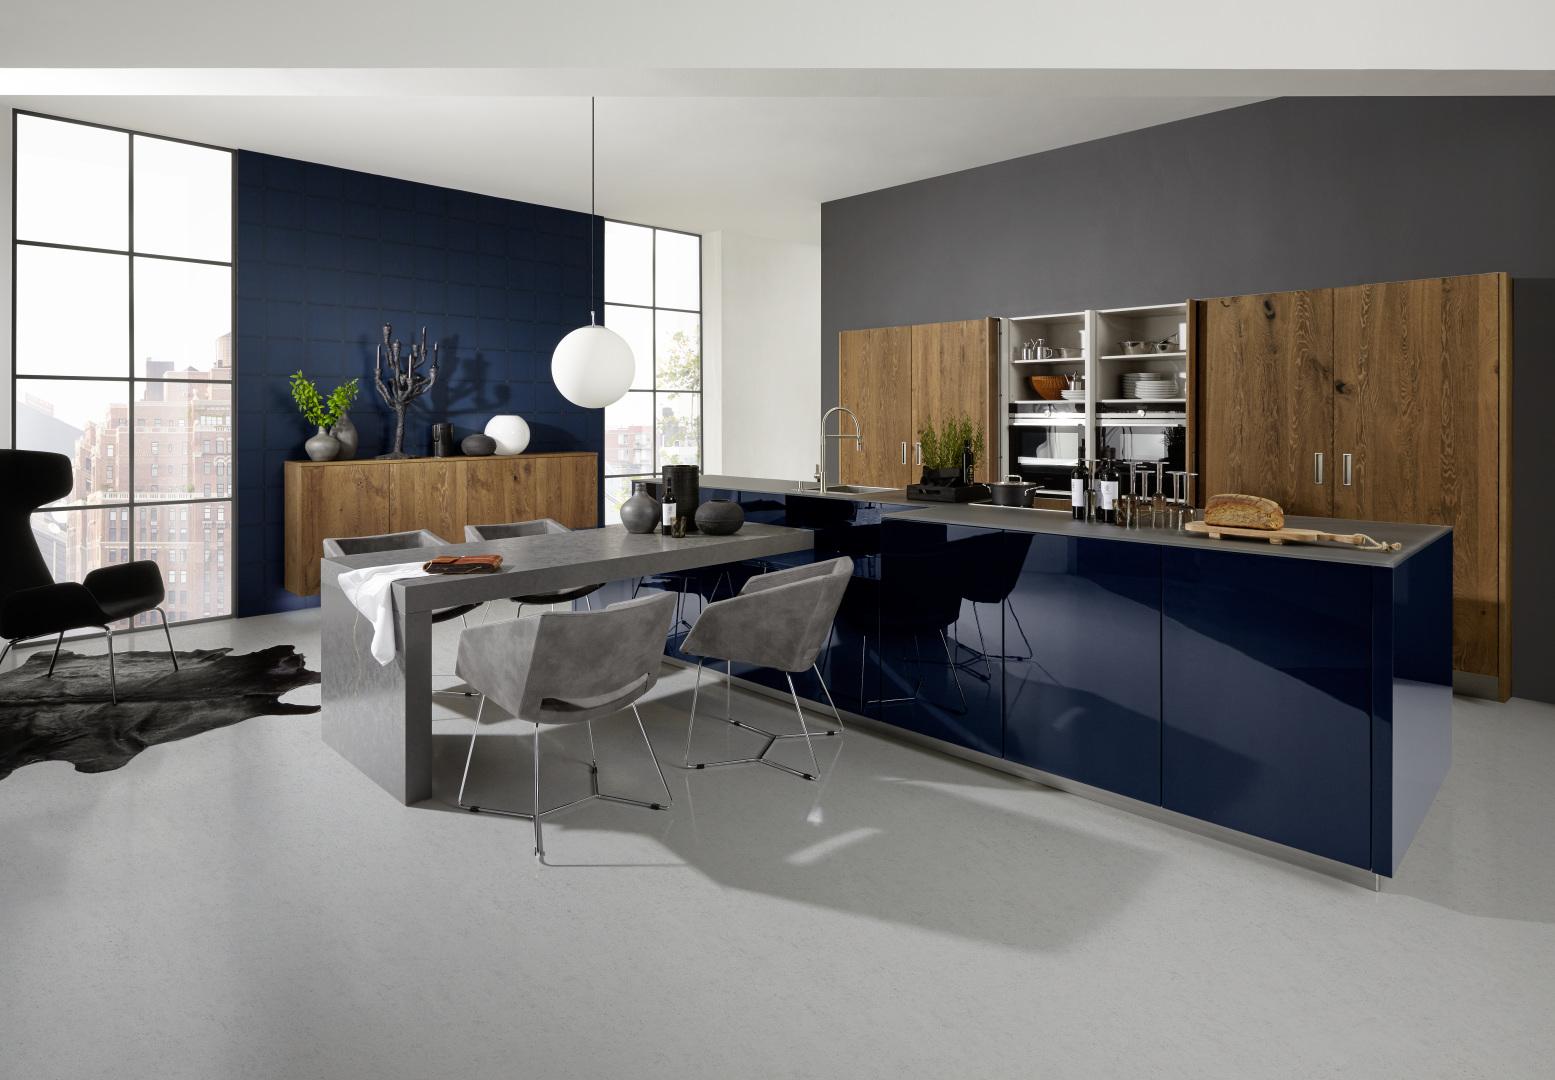 cuisiniste professionnel moderne et design contemporain îlot central bois et laque